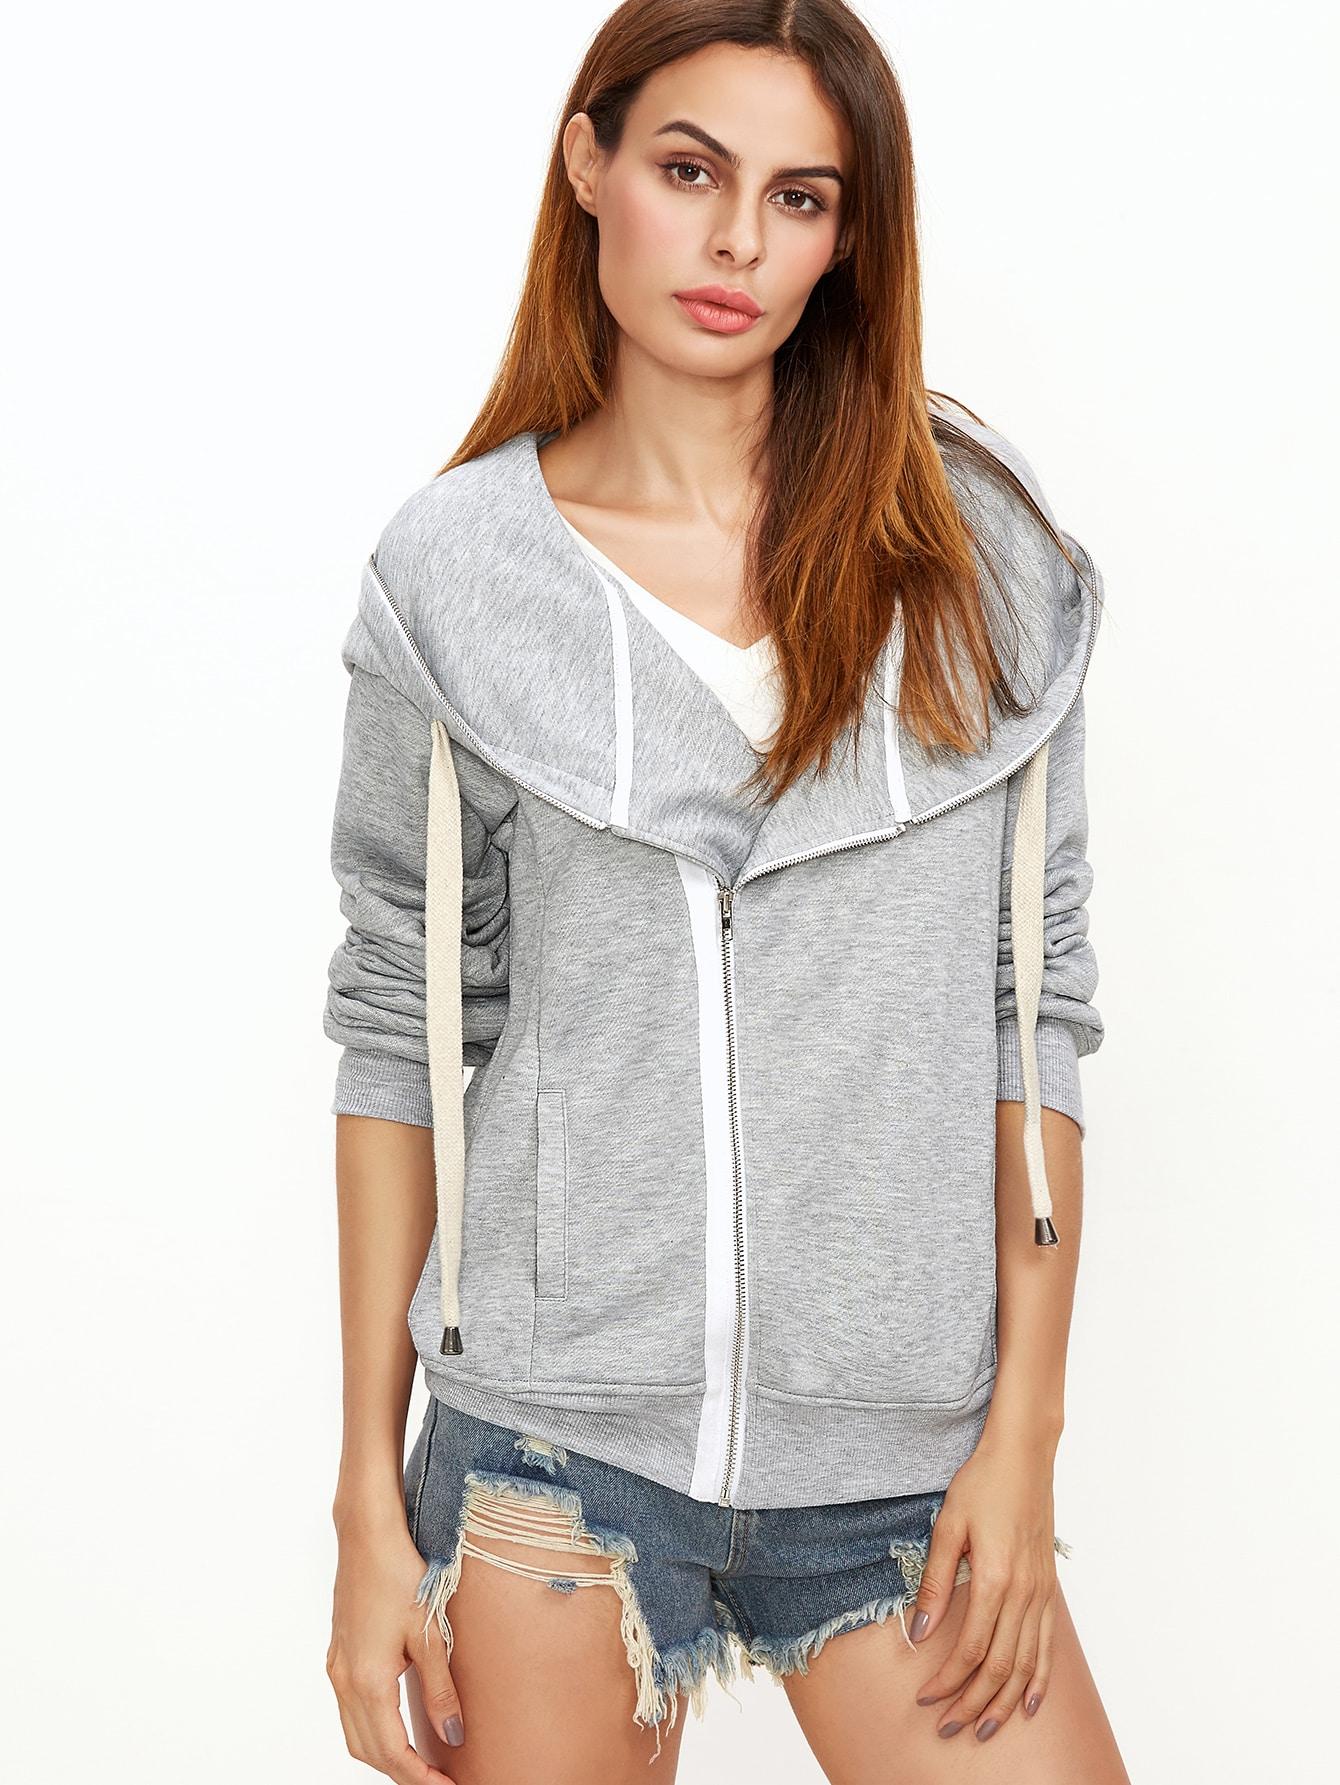 sweatshirt161102702_2